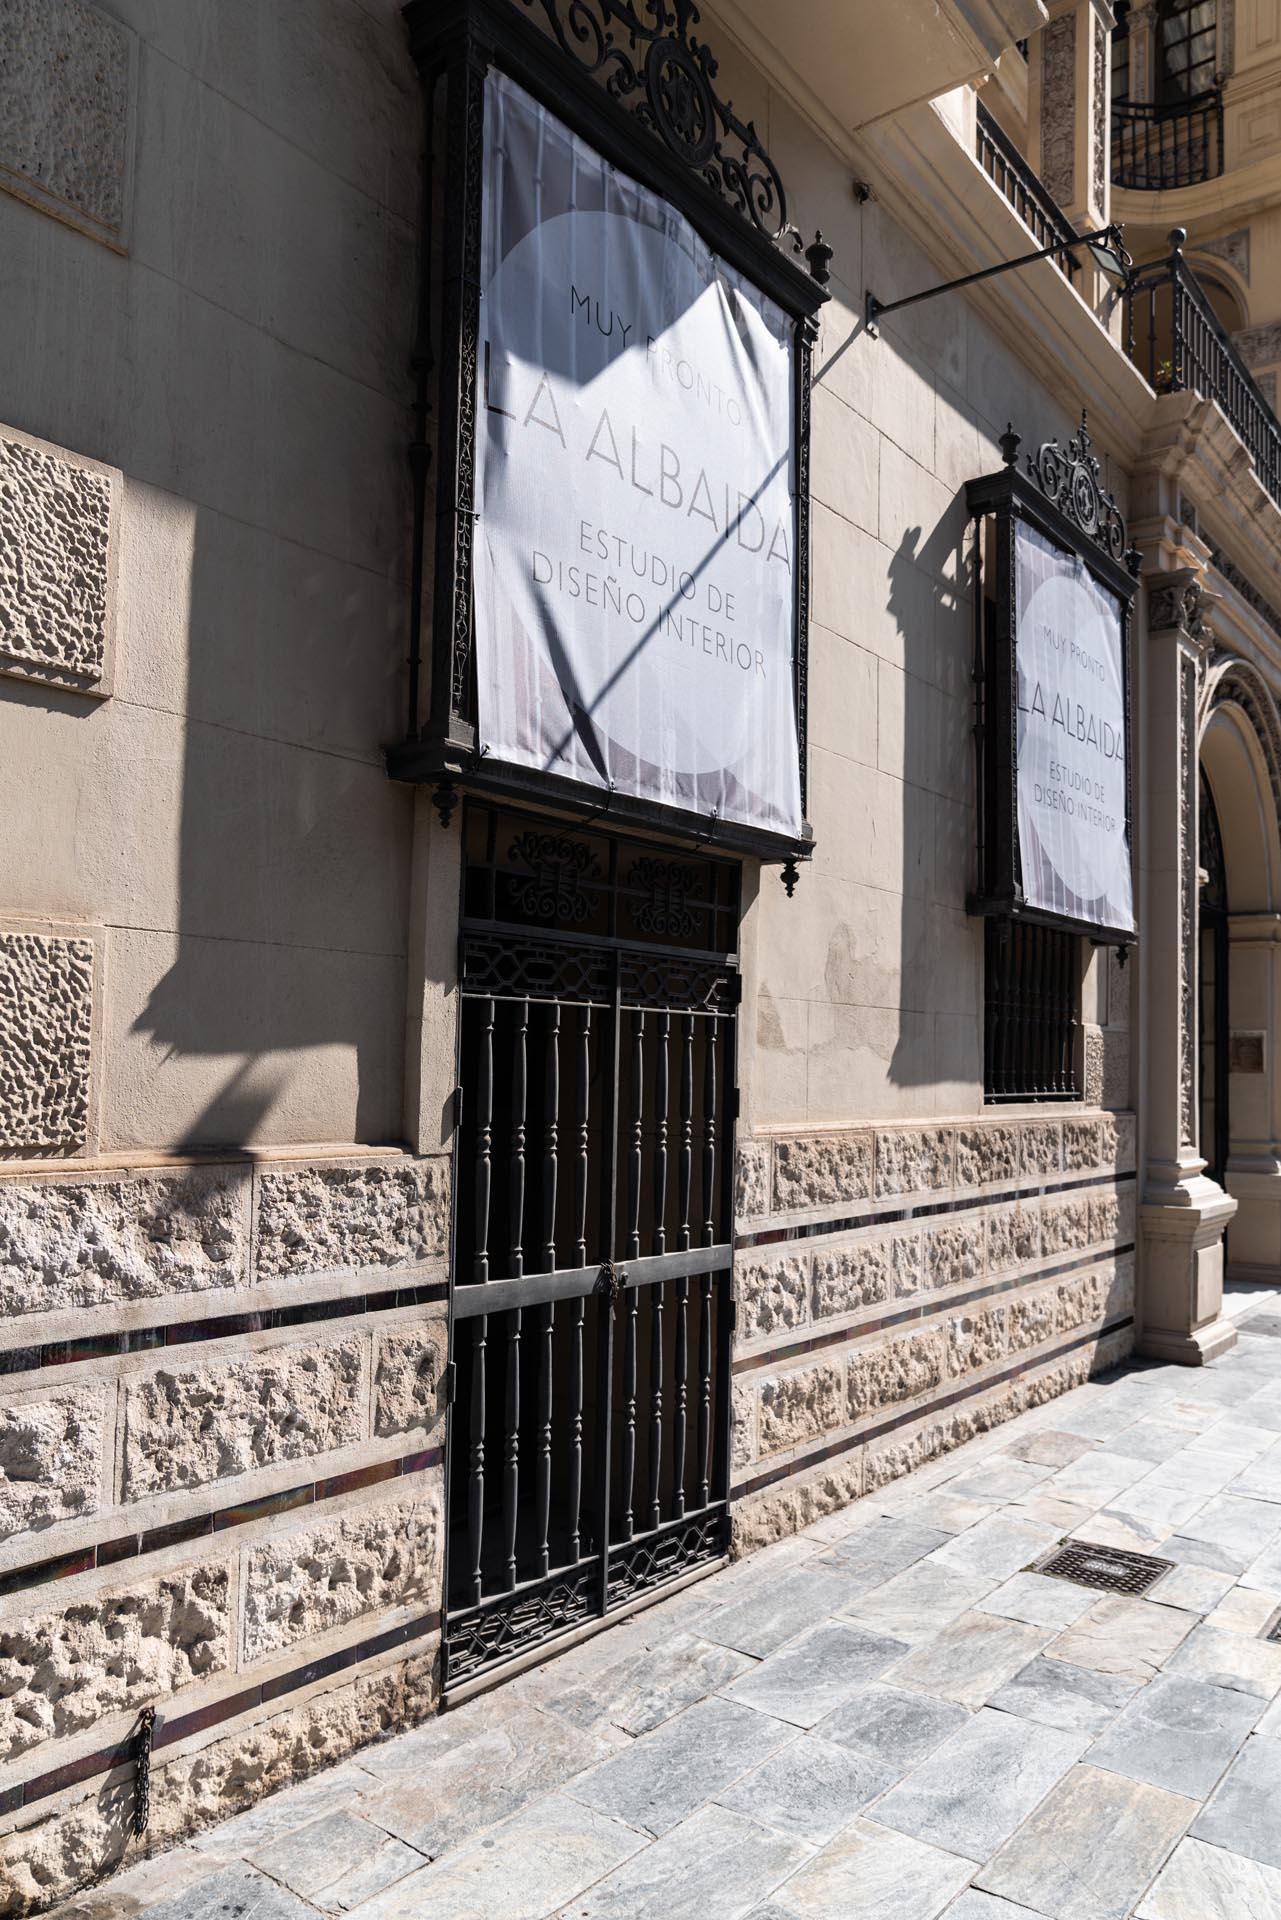 estudio interiorismo malaga La Albaida nuevo showroom detalles fachada calle